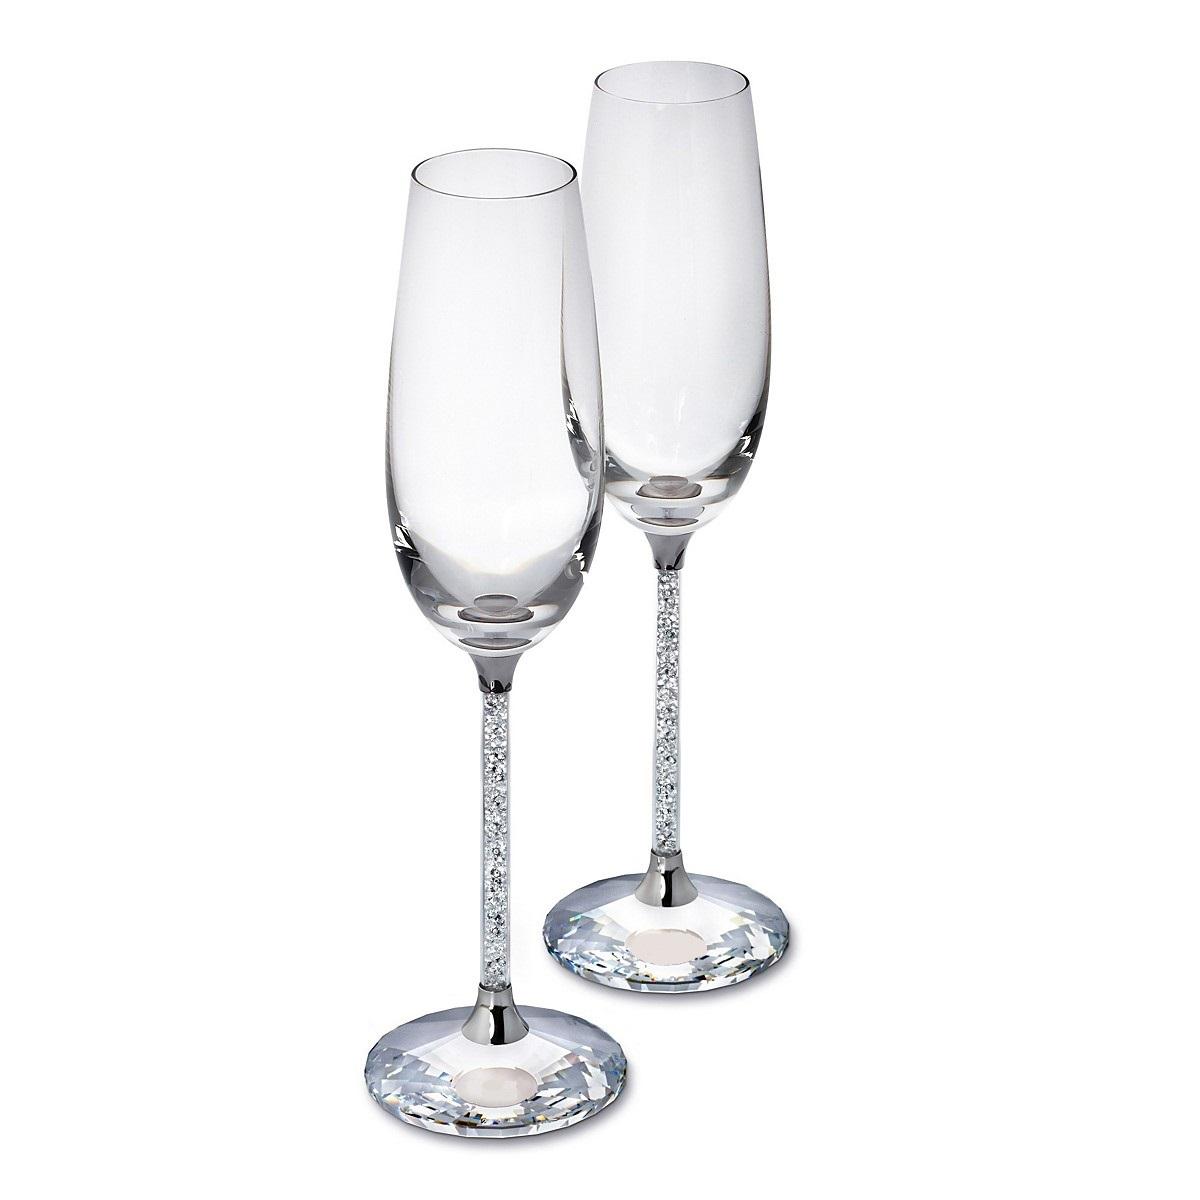 Pair Of Swarovski Crystal Filled Stem Champagne Flutes